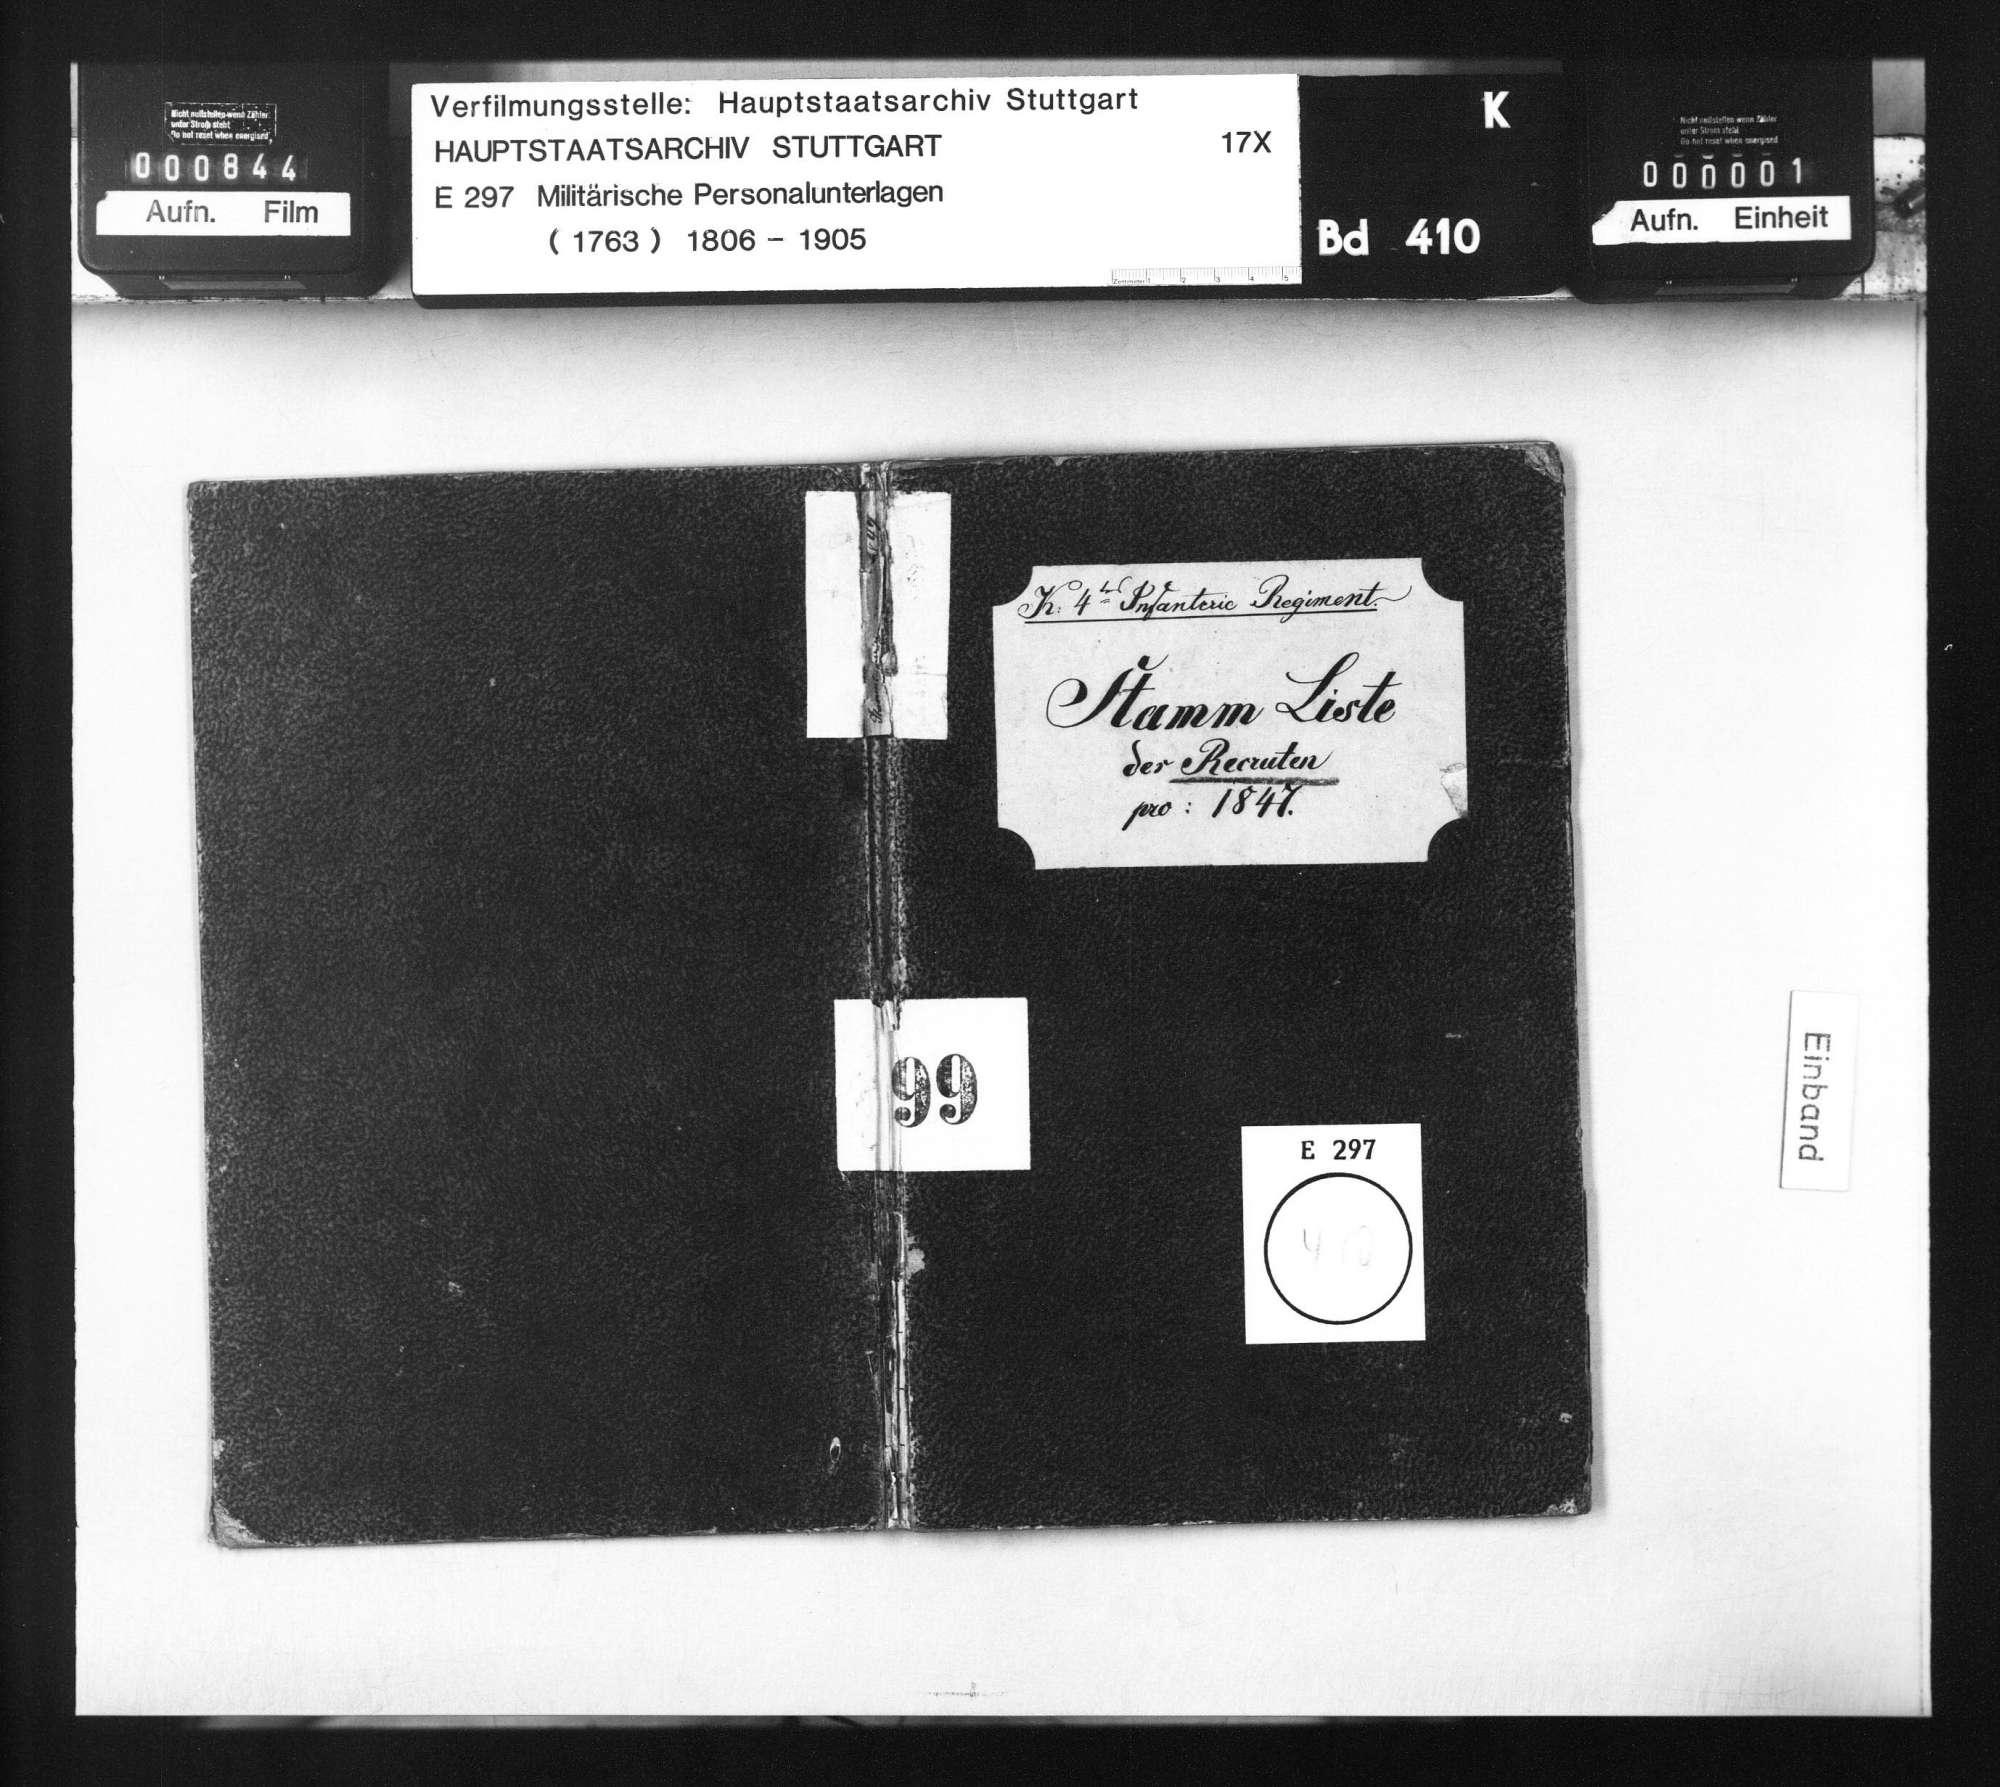 Stammliste der am 10. April 1847 beim 4. Infanterie-Regiment eingelieferten Rekruten, Bild 1